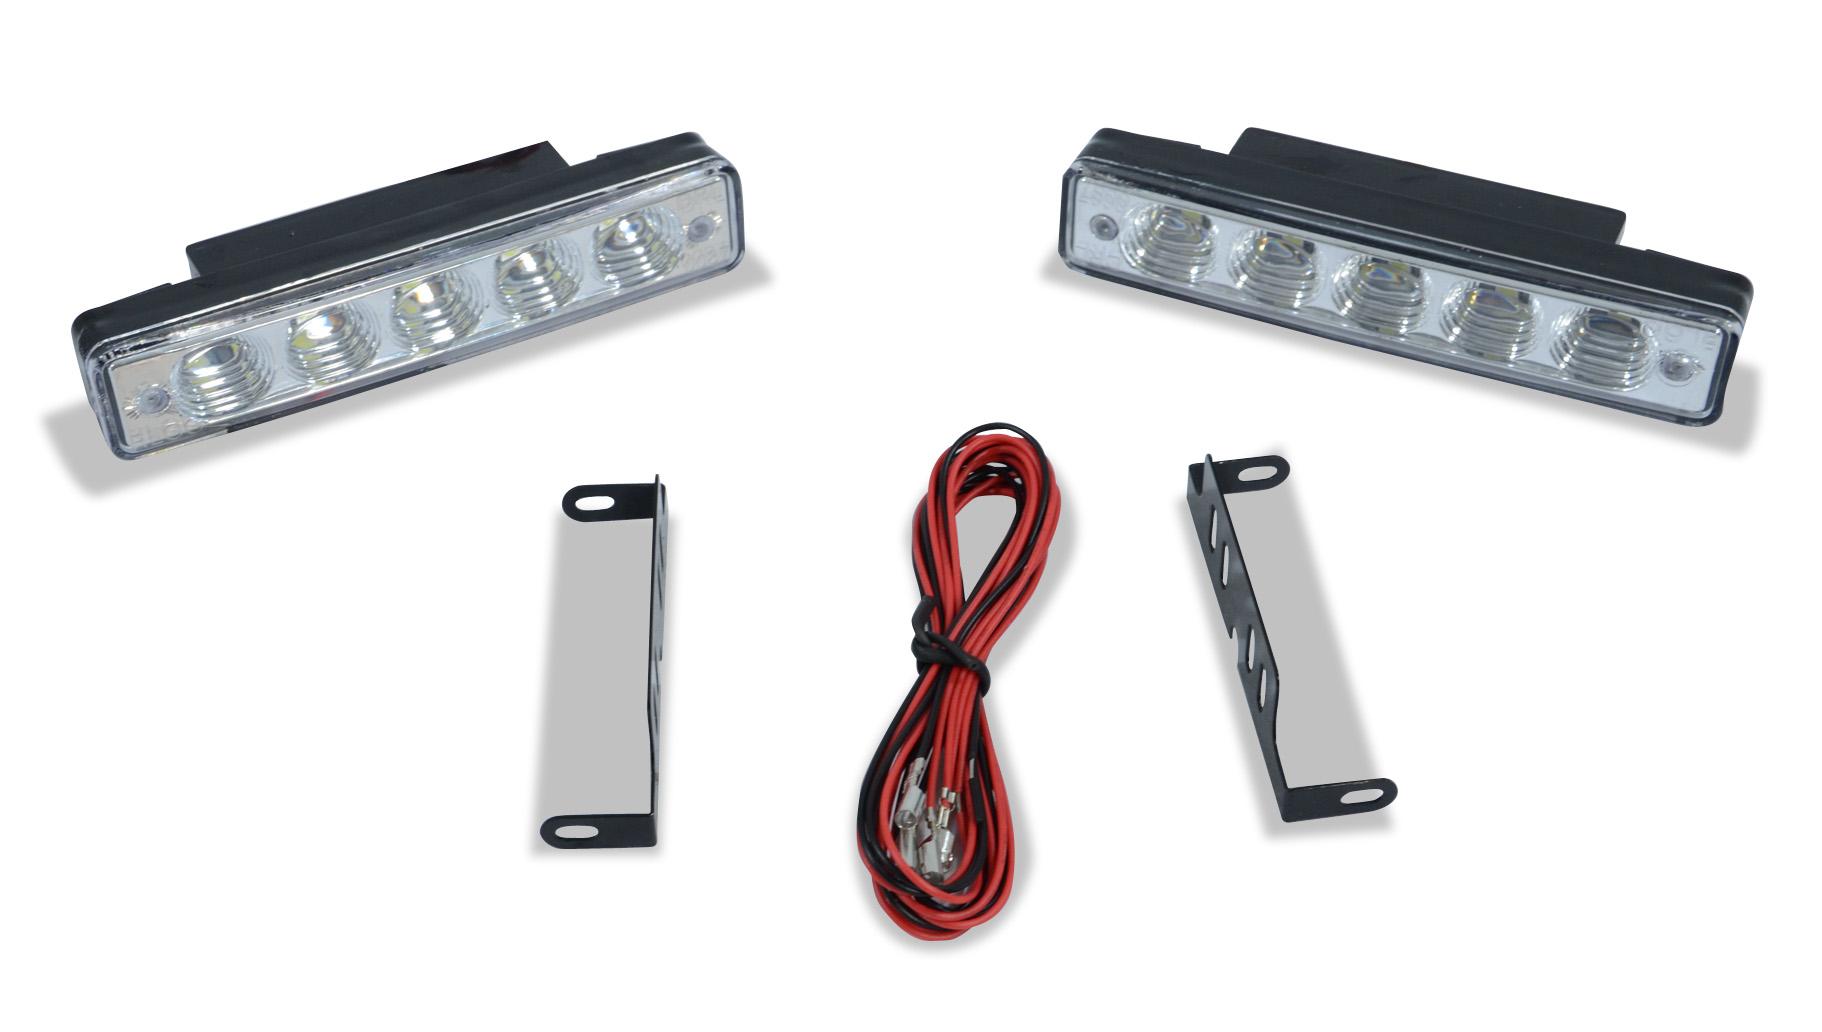 Lighting Bodykit for 2016 Universal Universal ALL - LED Daytime Running Light 2 - 2 Piece